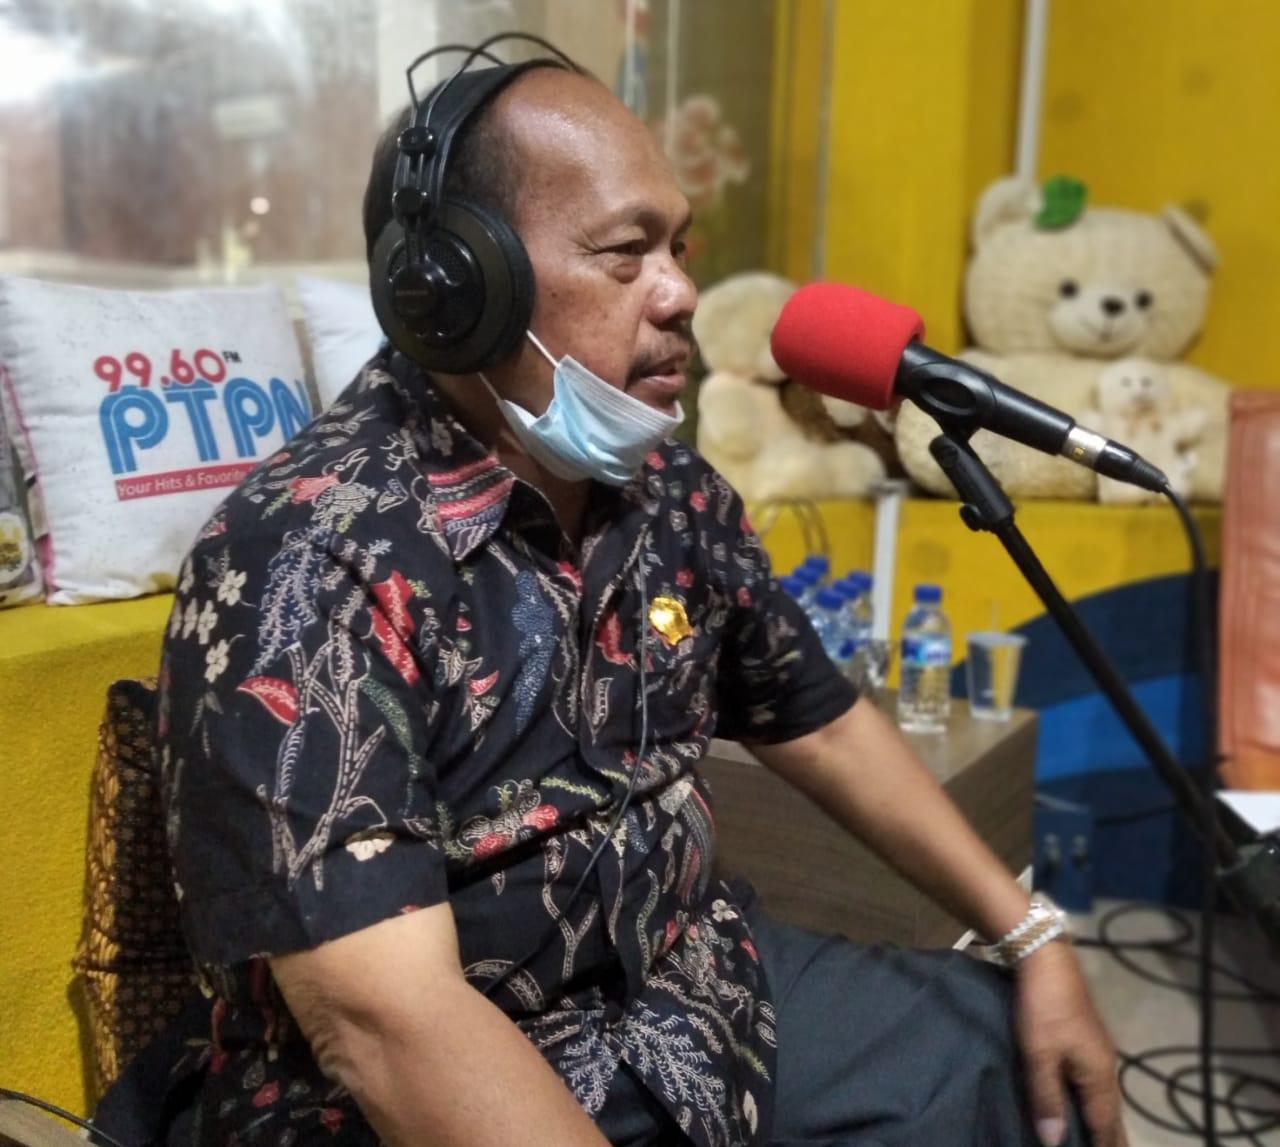 Dprd mujaeroni kegiatan siaran radio di ptpn surakarta. FOTO: Mujaeroni/Lingkar.co